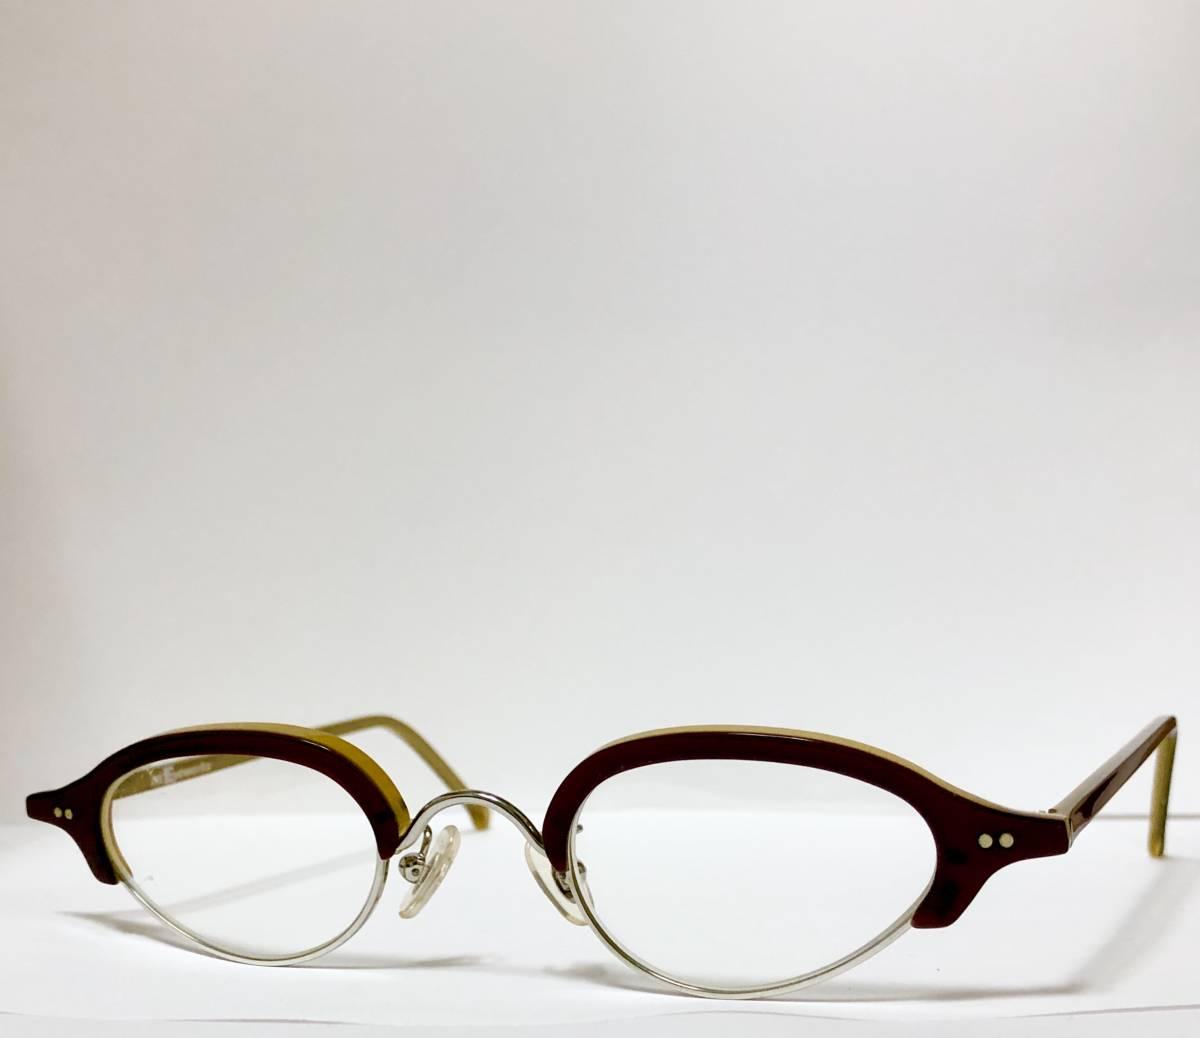 ビンテージ・新品】1990年代 l.a. Eyeworks イタリア製ティリー 茶色 高級メガネ エルエーアイワークス /ヴィンテージ 米国ブランド_画像2